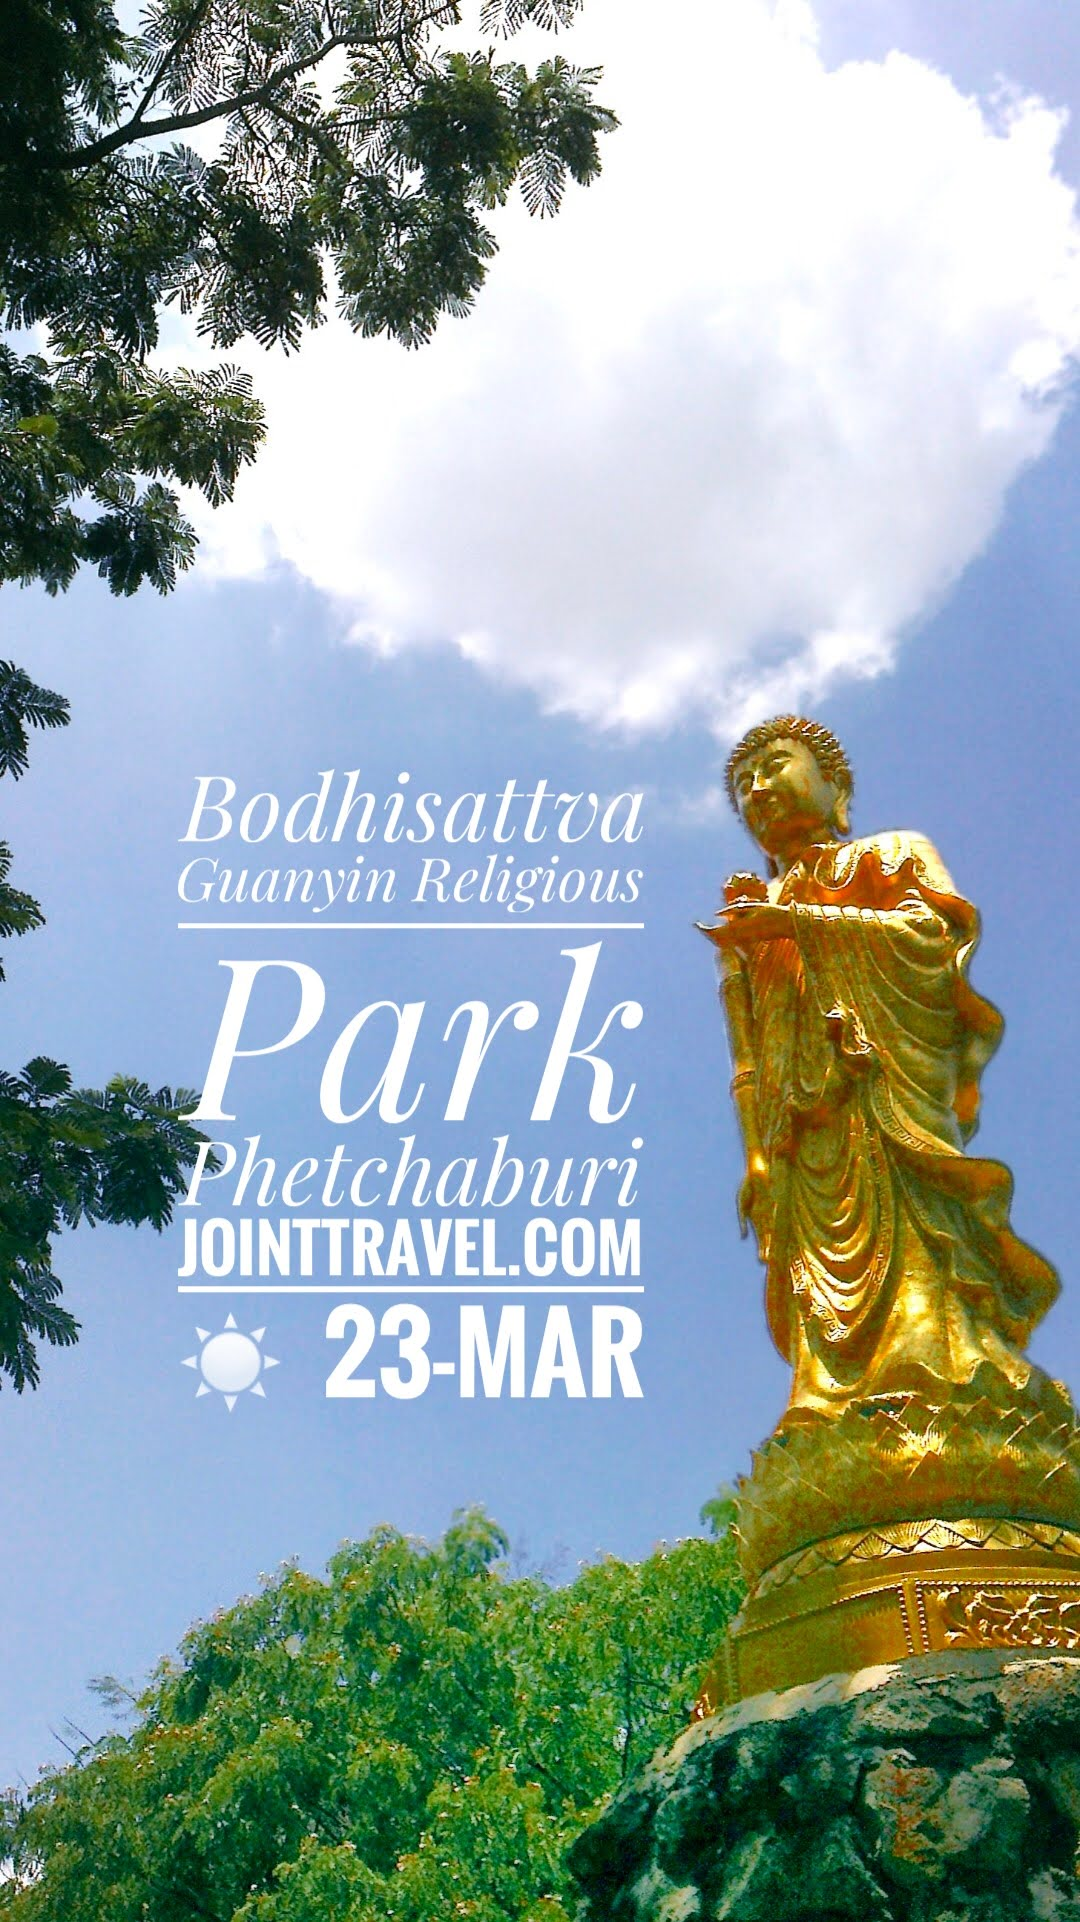 Bodhisattva Guanyin Religion Park